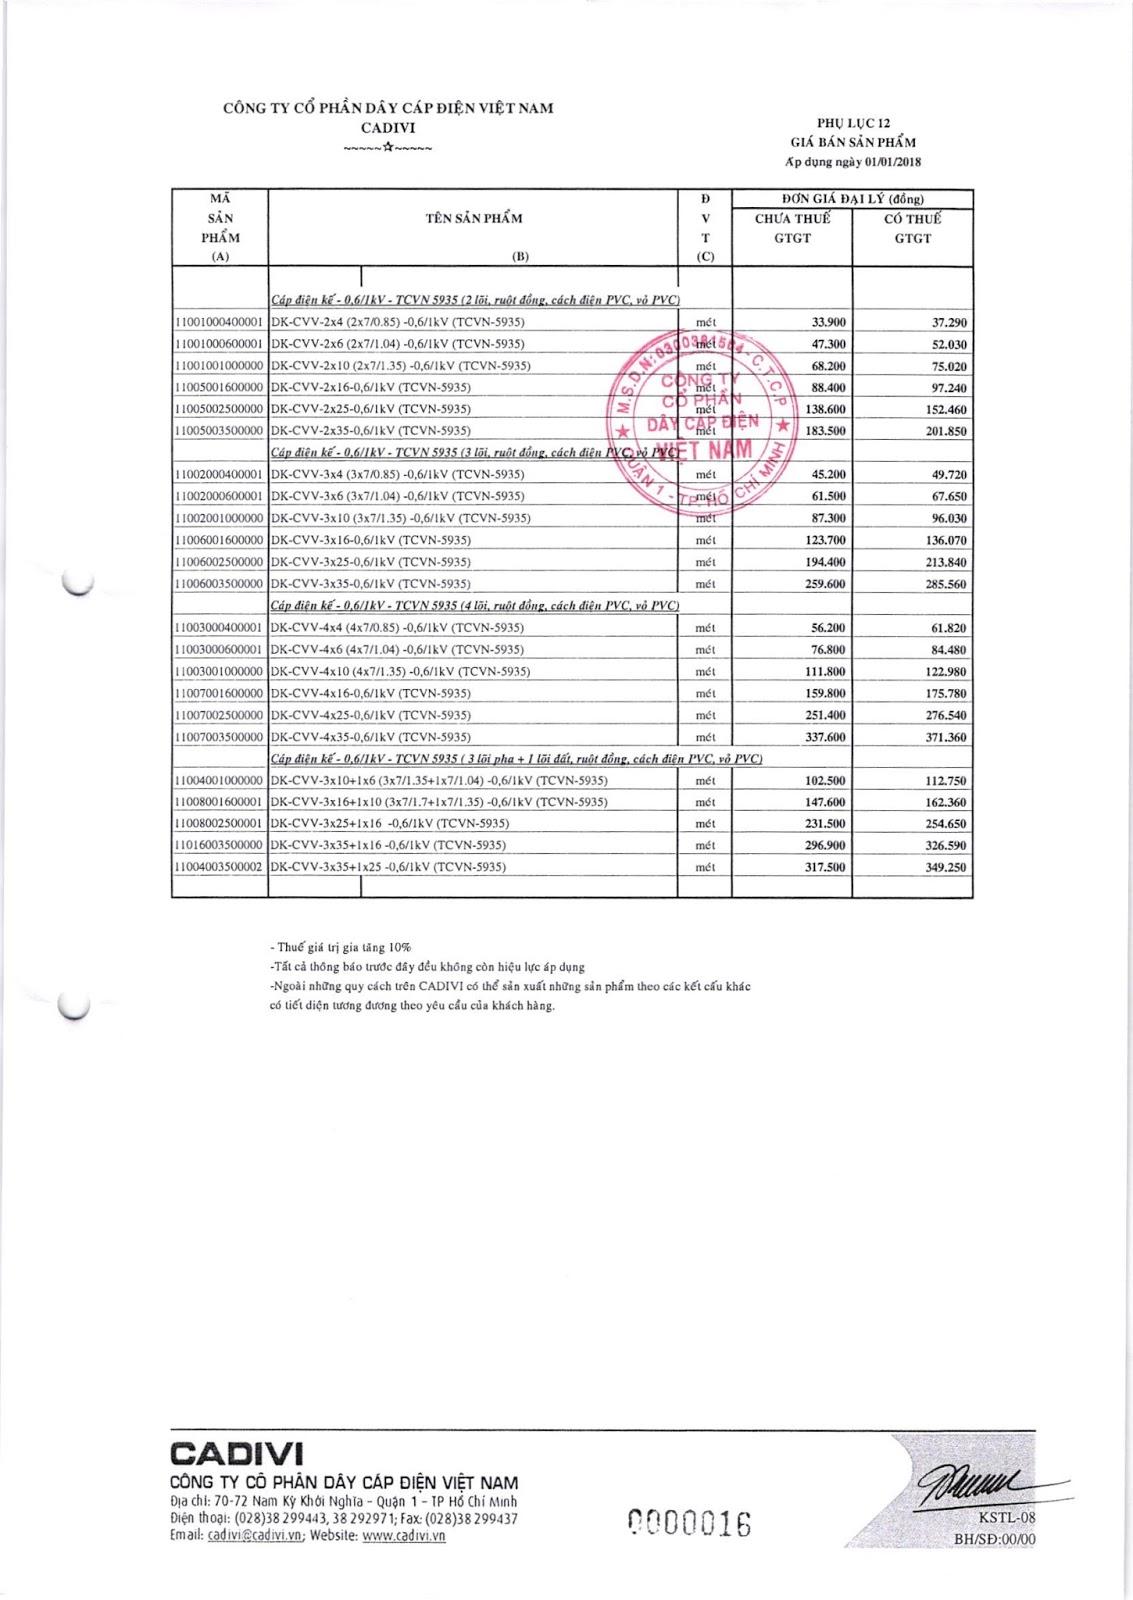 Tải bảng giá catalogue cáp điện Cadivi mới nhất tại Đại lý cấp 1